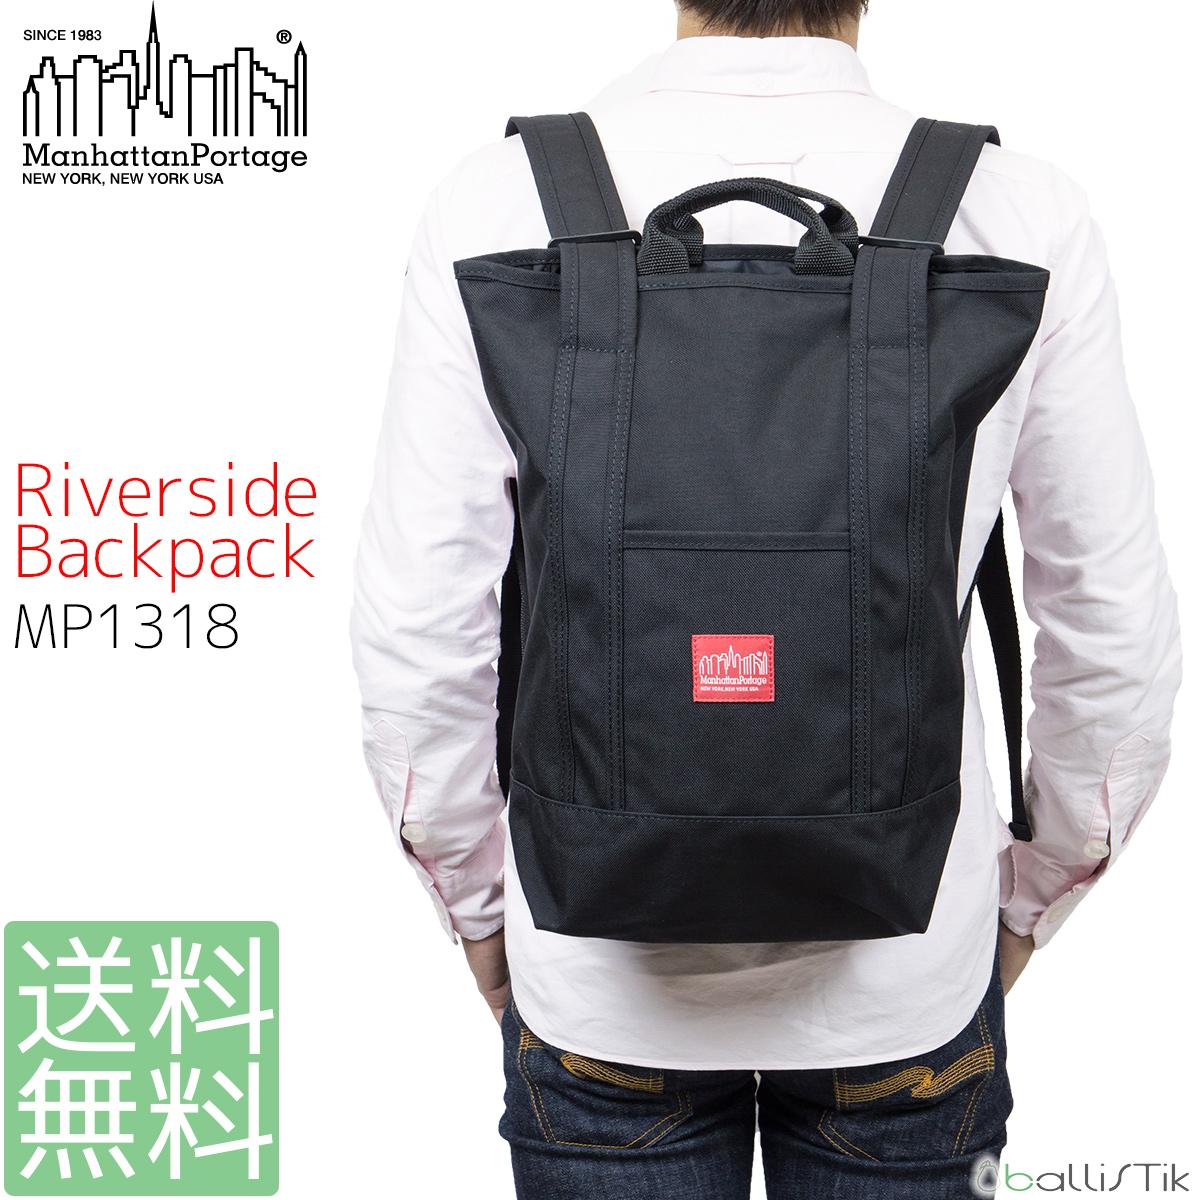 マンハッタンポーテージ リュック バックパック トート Riverside Backpack MP1318 メンズ レディース 【 日本正規品 送料無料 あす楽 】【お買い物マラソン 買いまわり 買い回り】